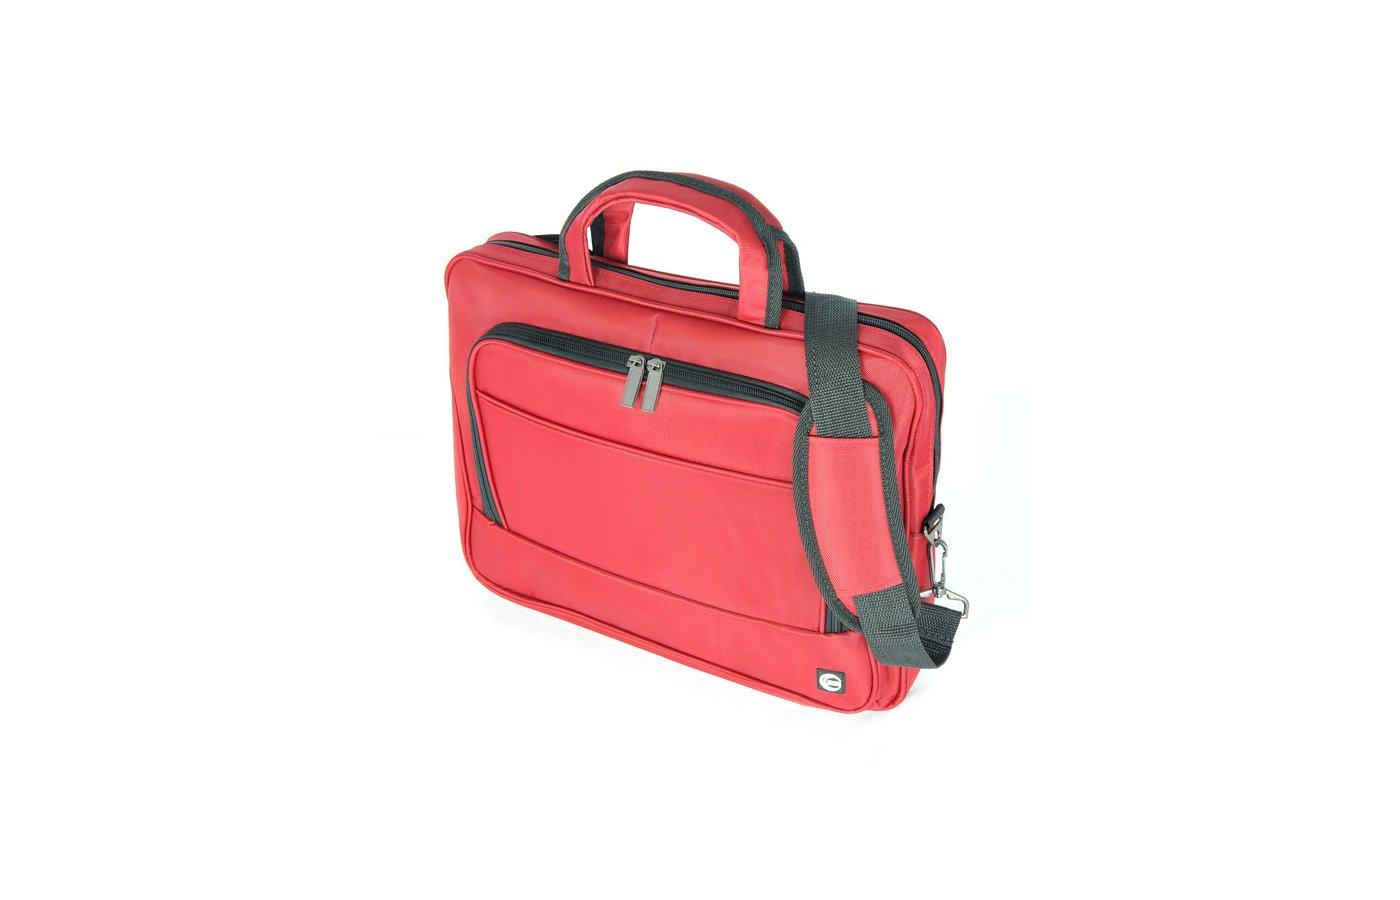 Кейс для ноутбука CROSS CASE CC15-004 Красная - купить кейс для ... 612fedb5978